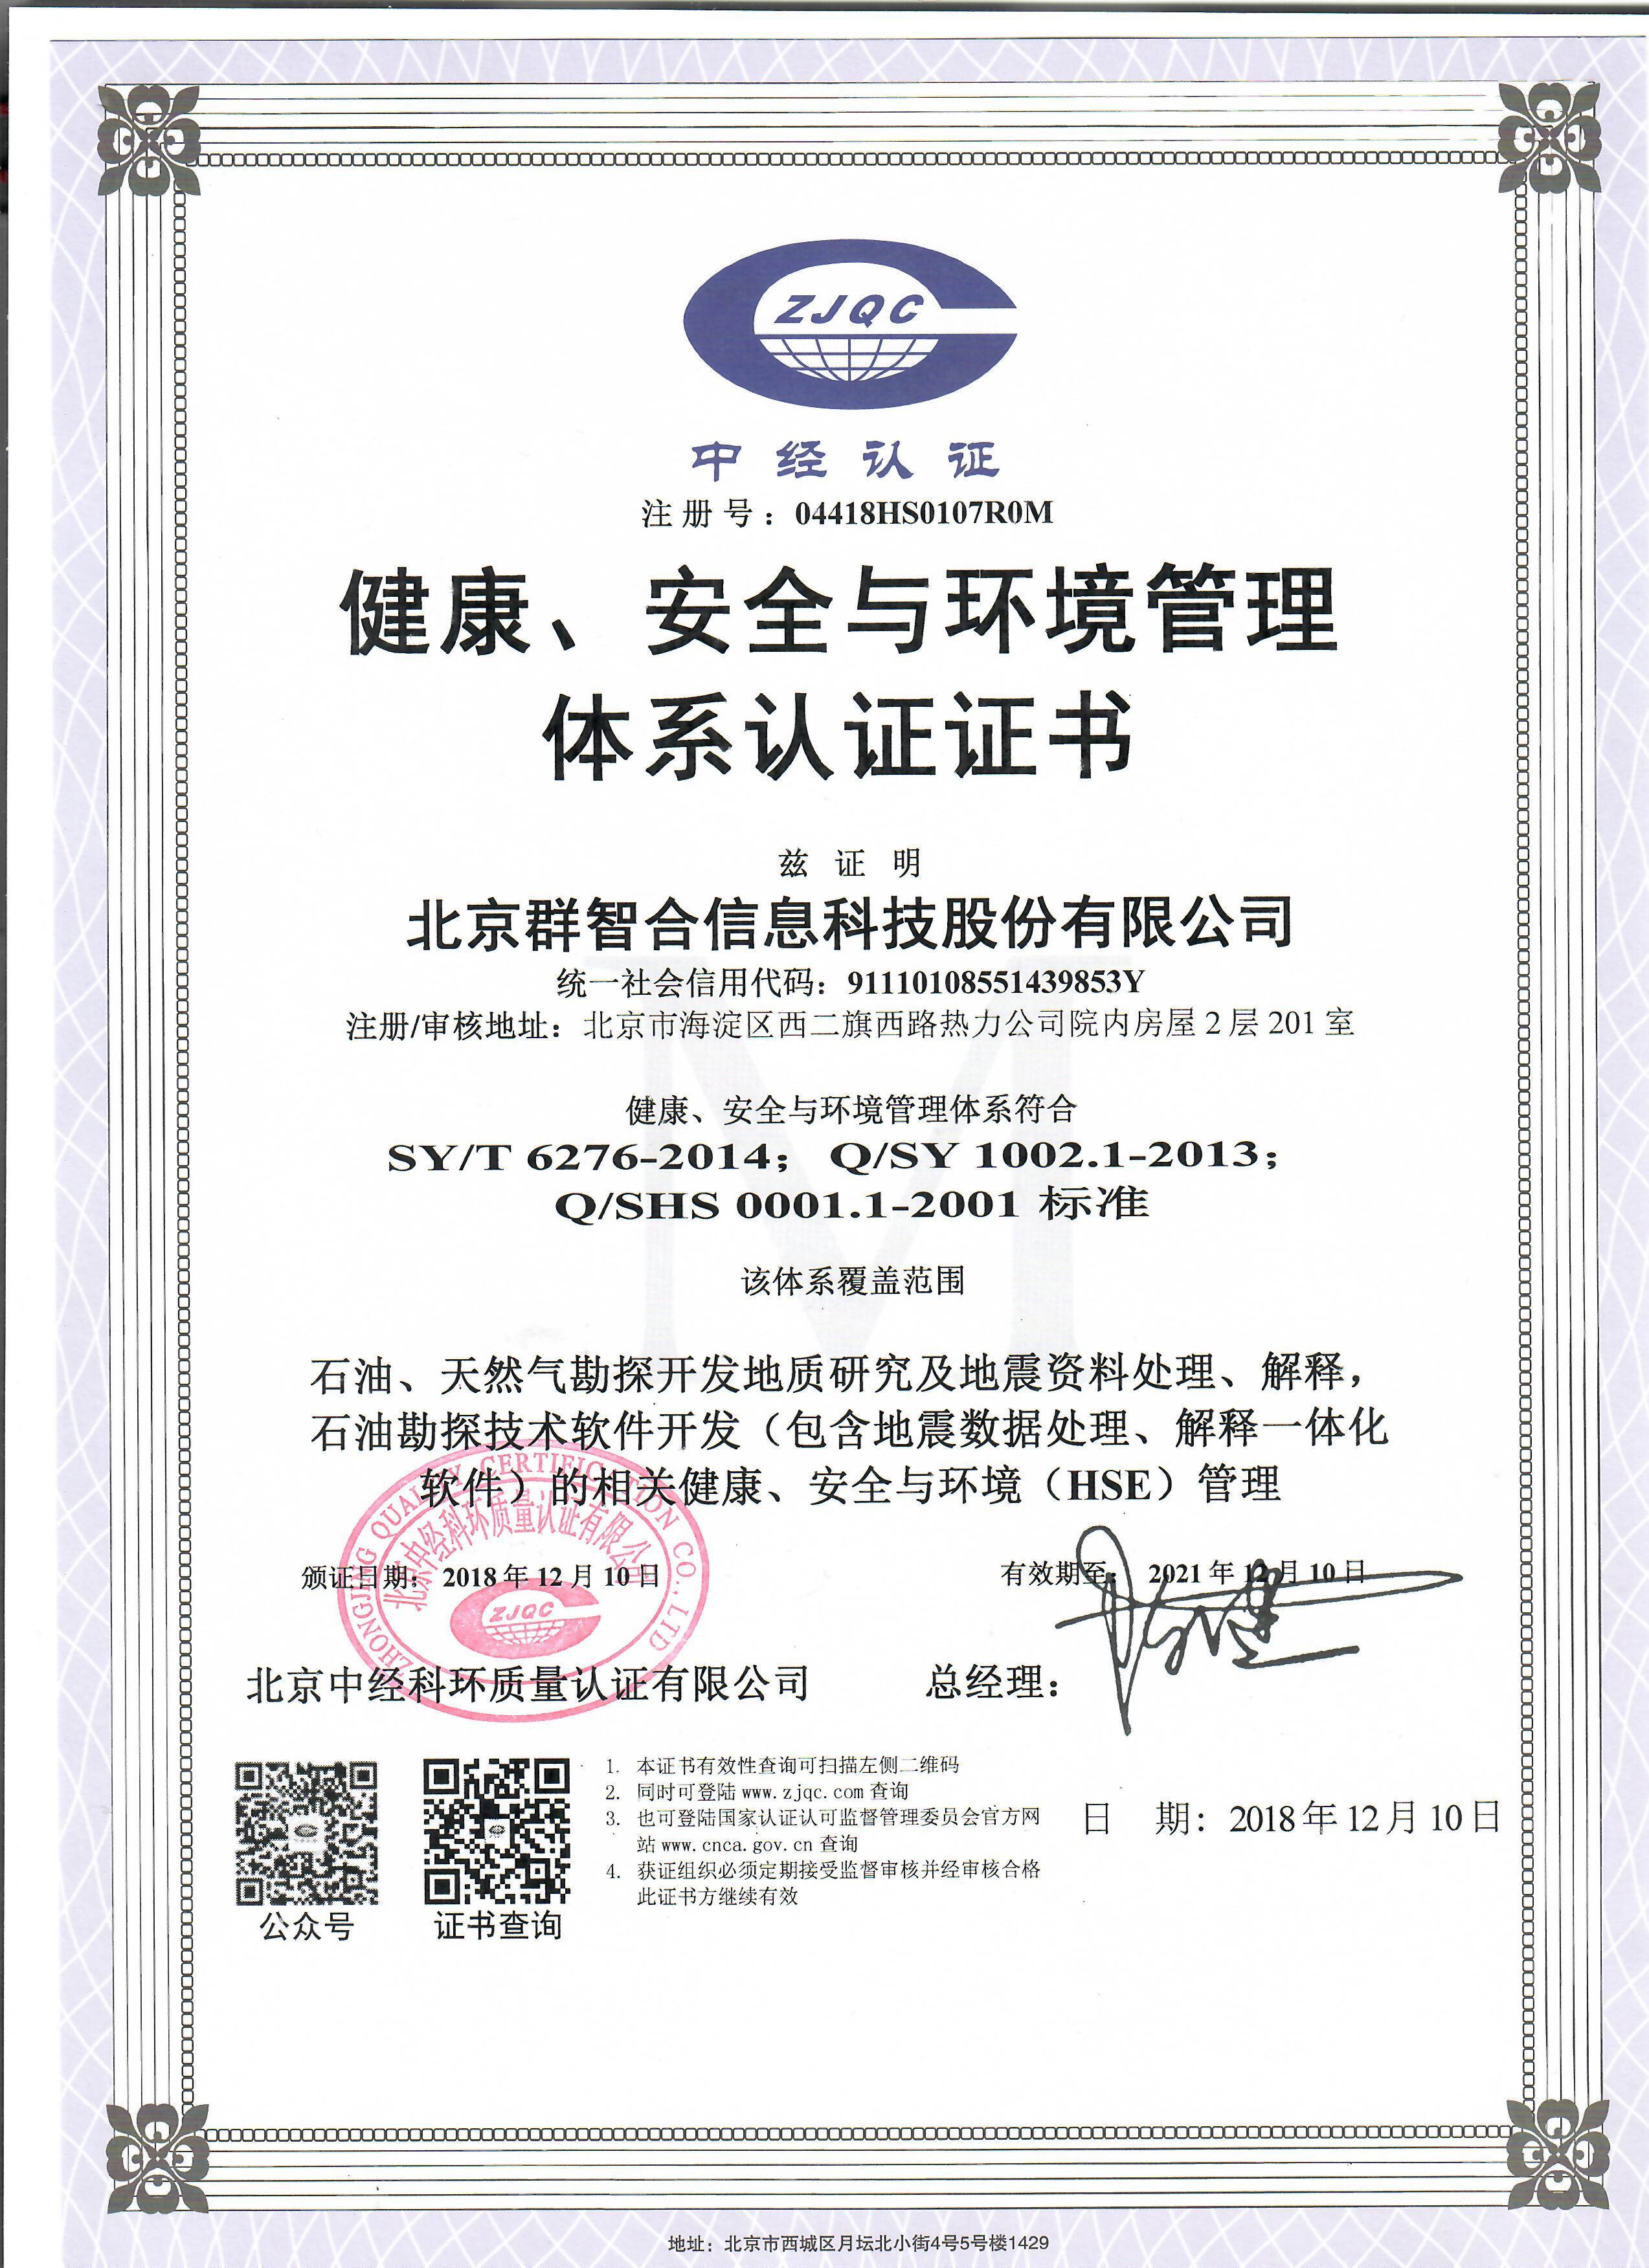 康健、宁静与情况治理体系认证证书-中文